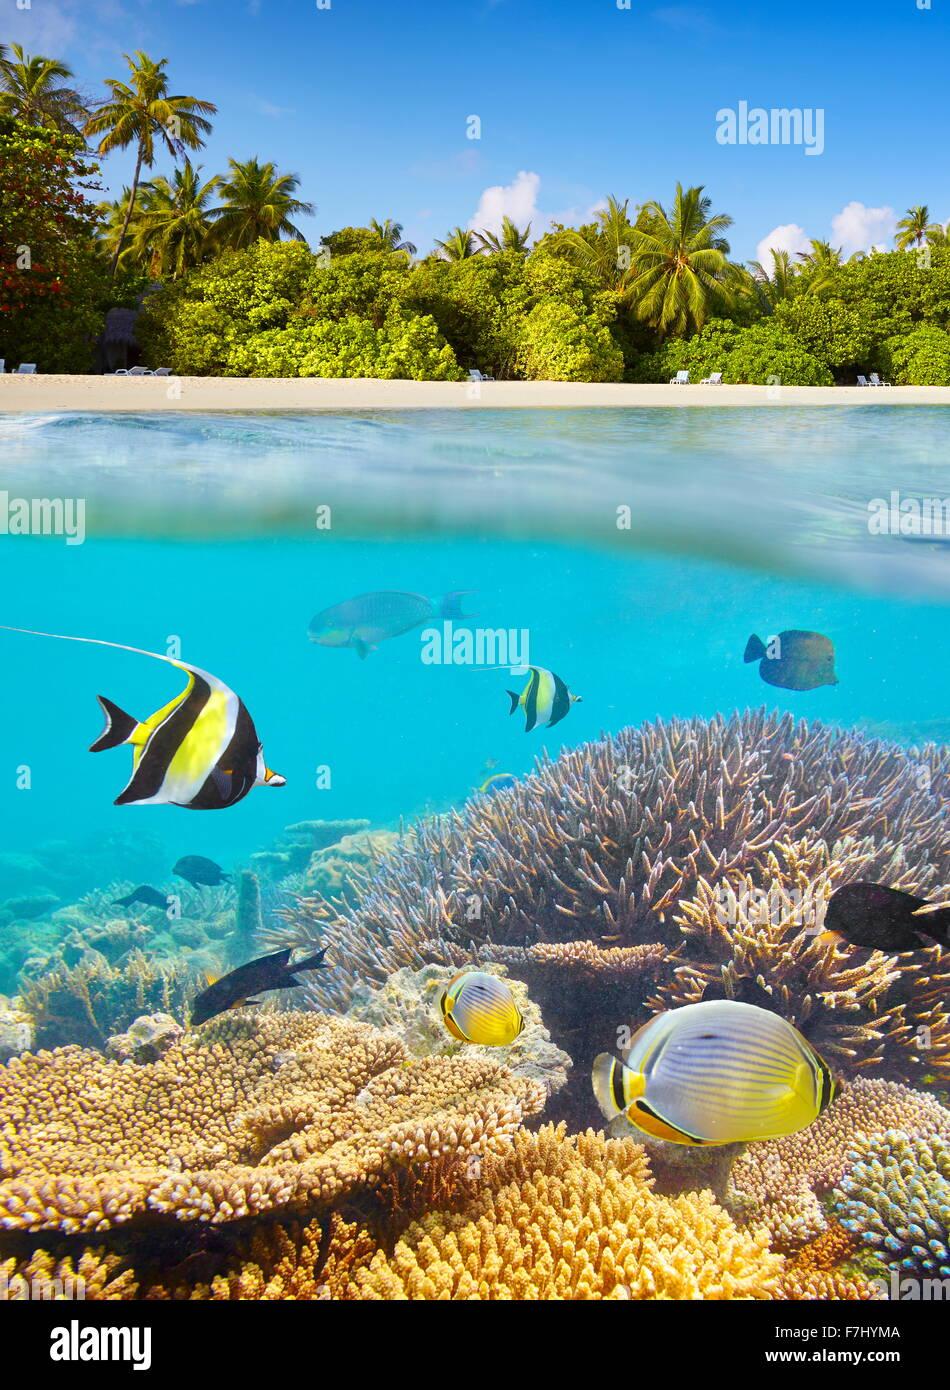 Malediven - Unterwasser-Blick an tropischen Fischen und Riff Stockbild